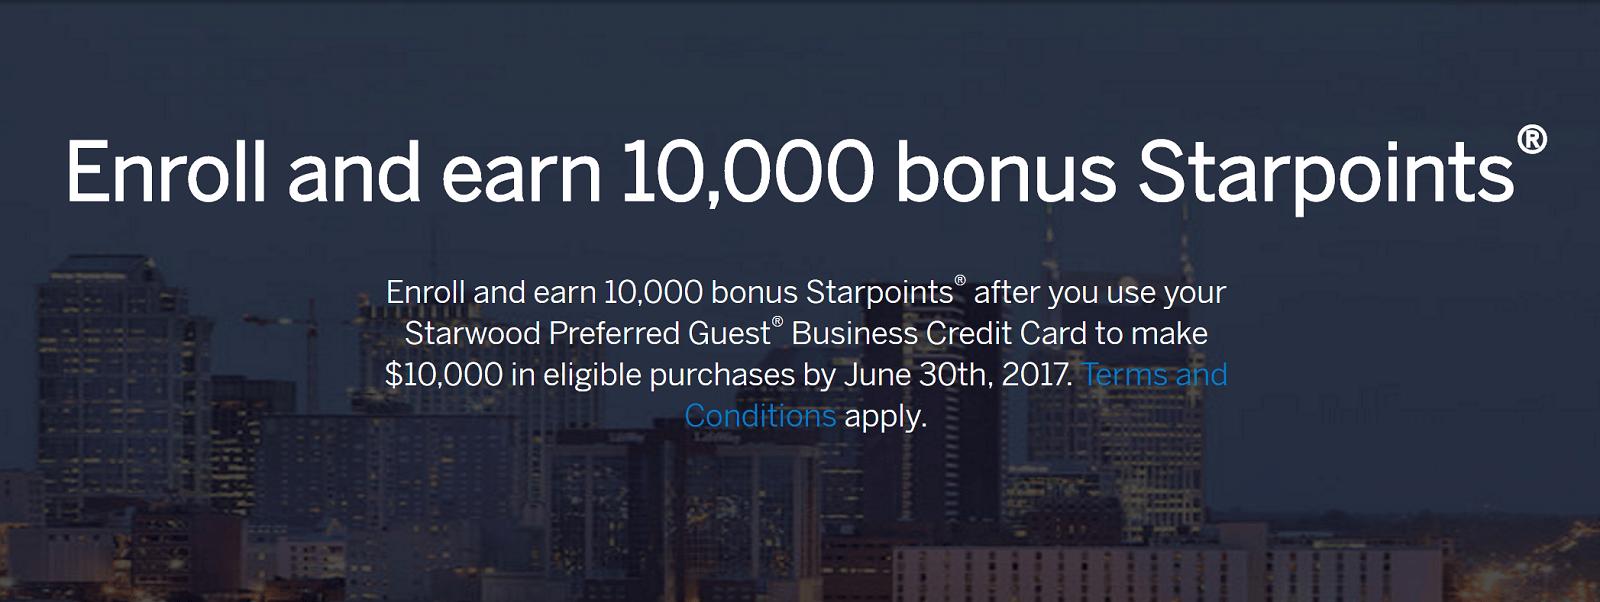 SPG Cardholders Check Promotion: Spend $10k Get 10,000 Bonus Points